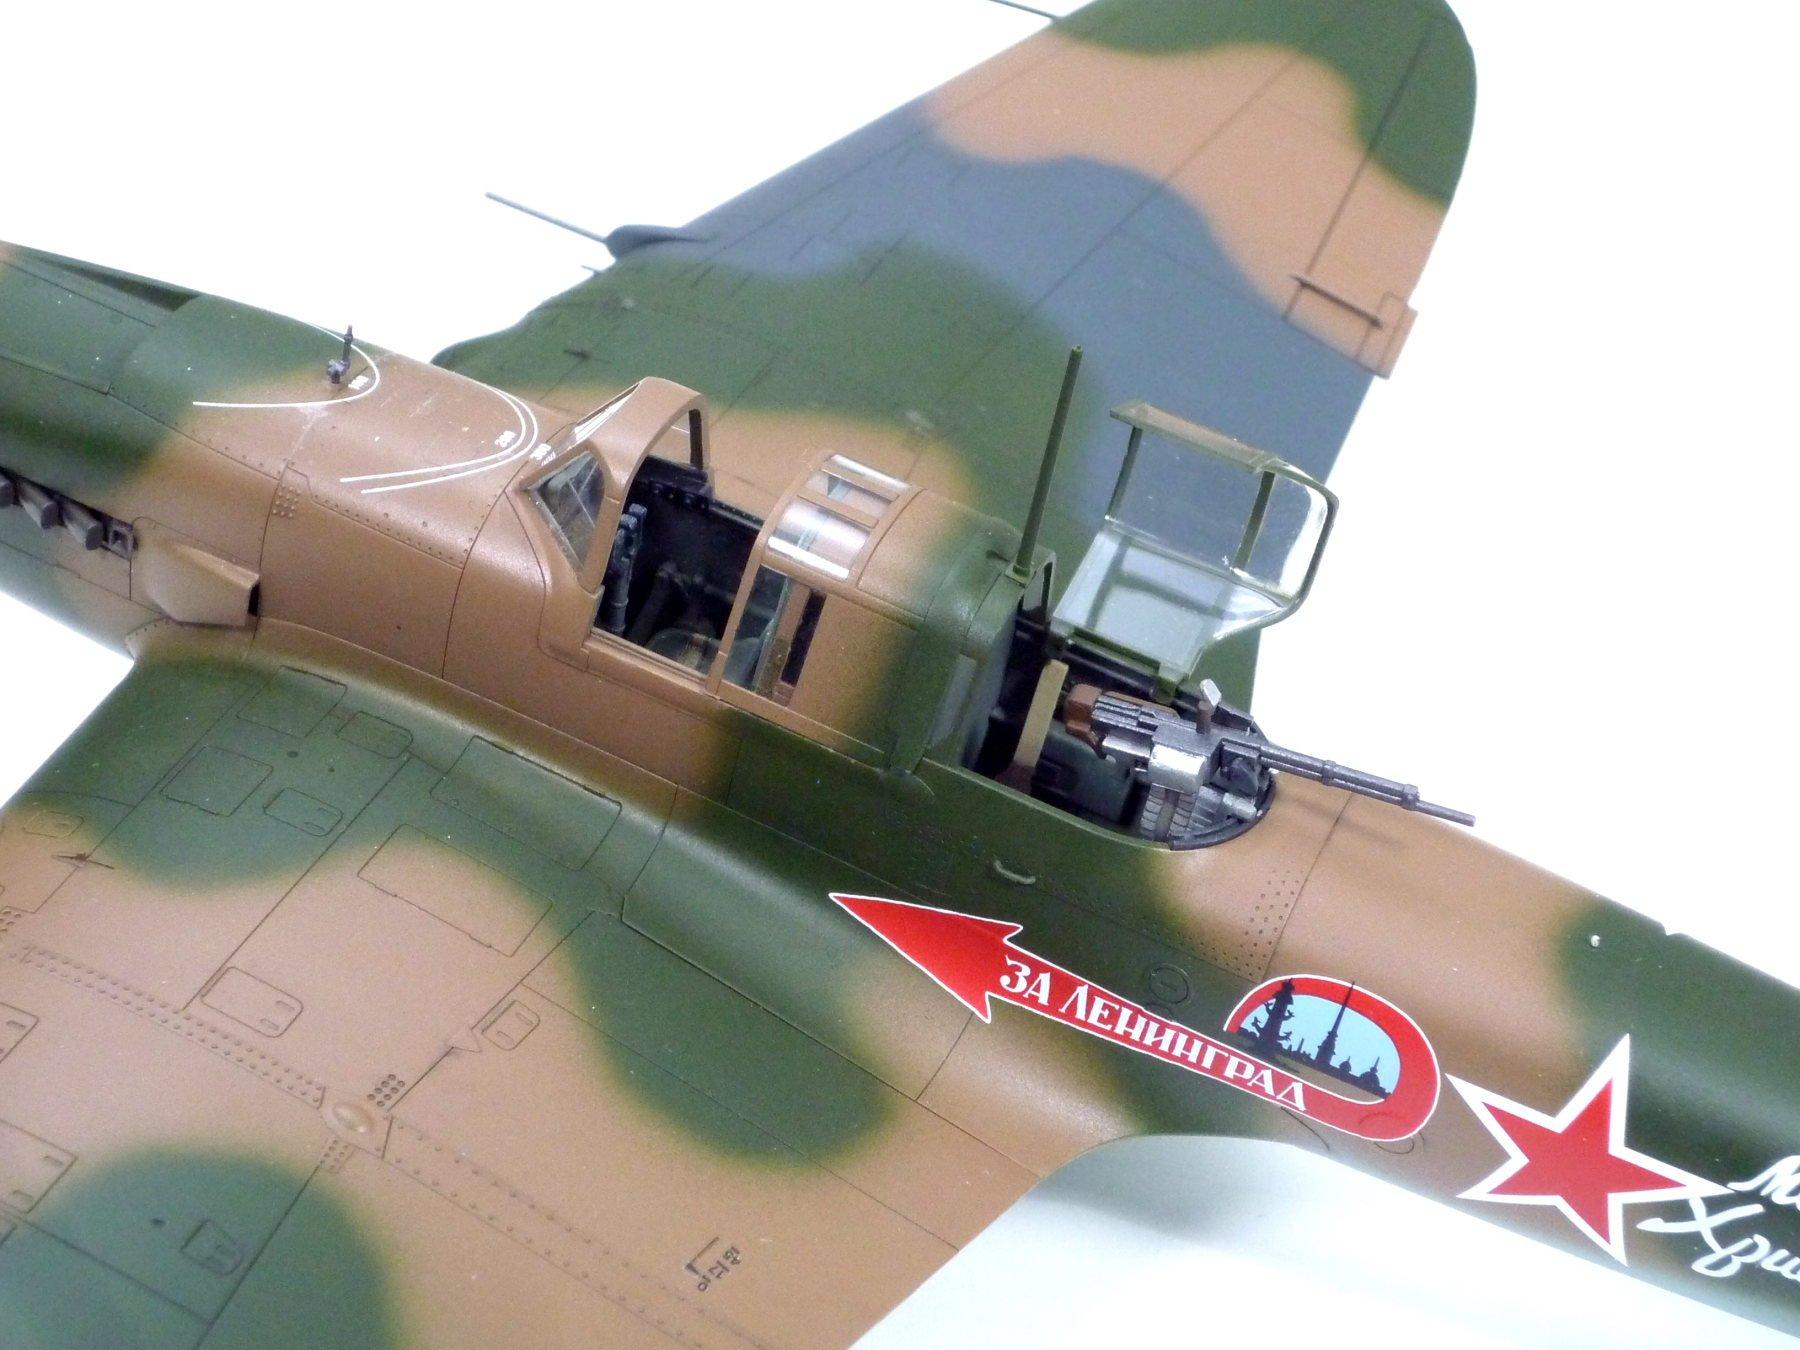 TAMIYA America, Inc 1/48 Ilyushin IL-2 Shturmovik Aircraft, TAM61113 6